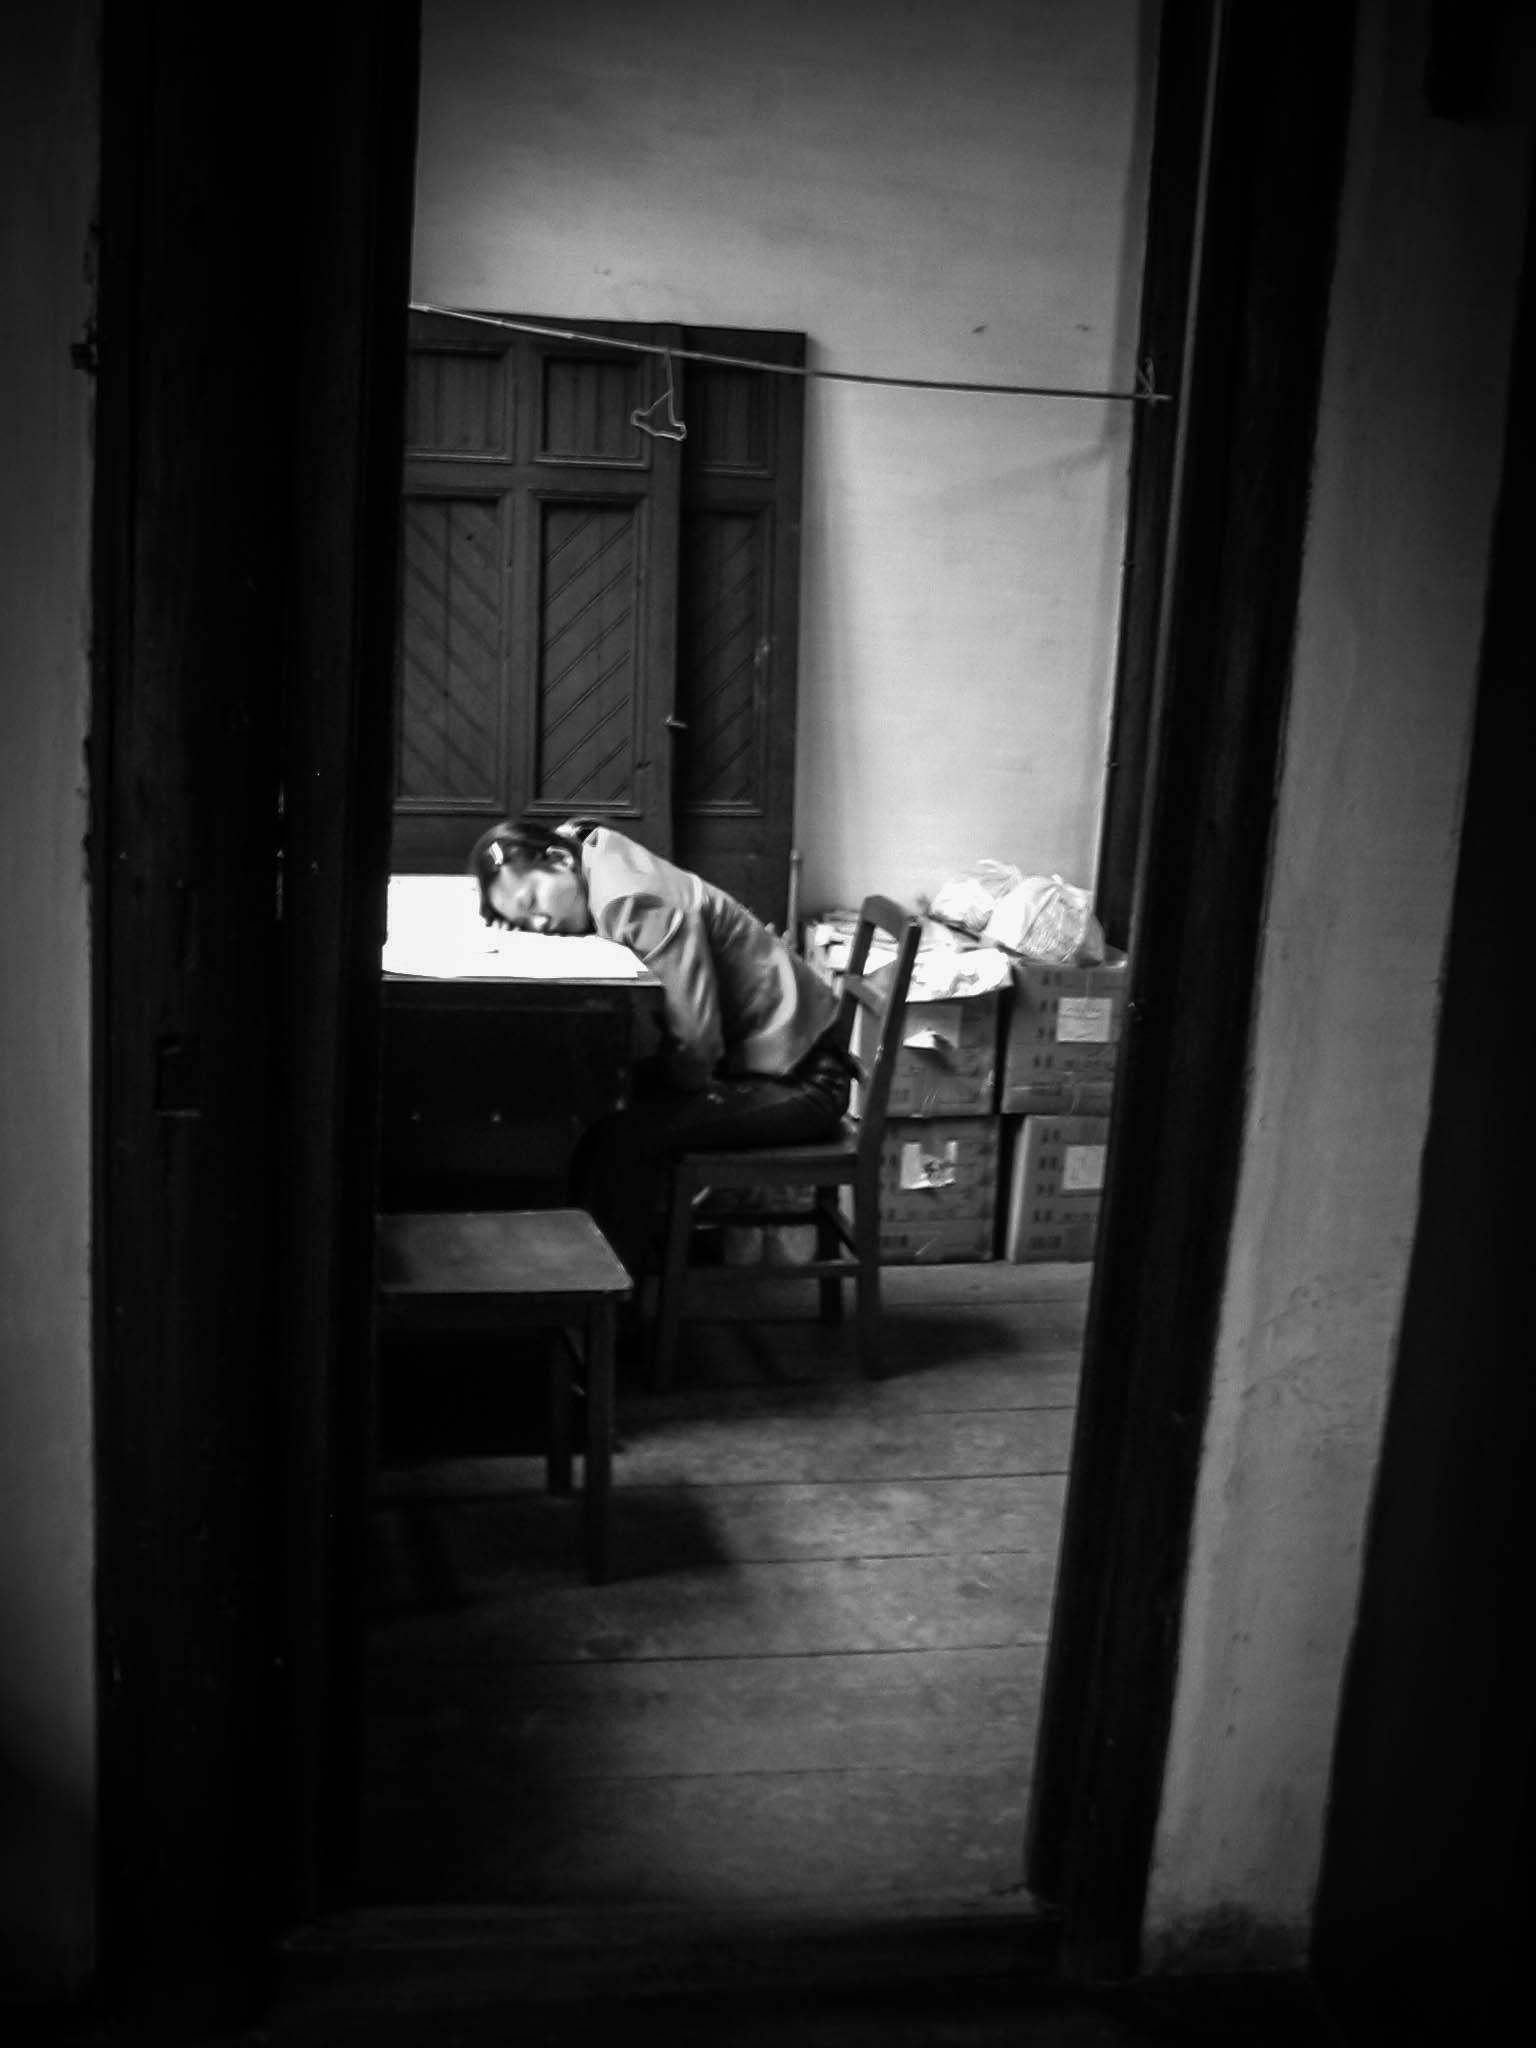 Take a nap - Zhouzhuang  China 04 2005